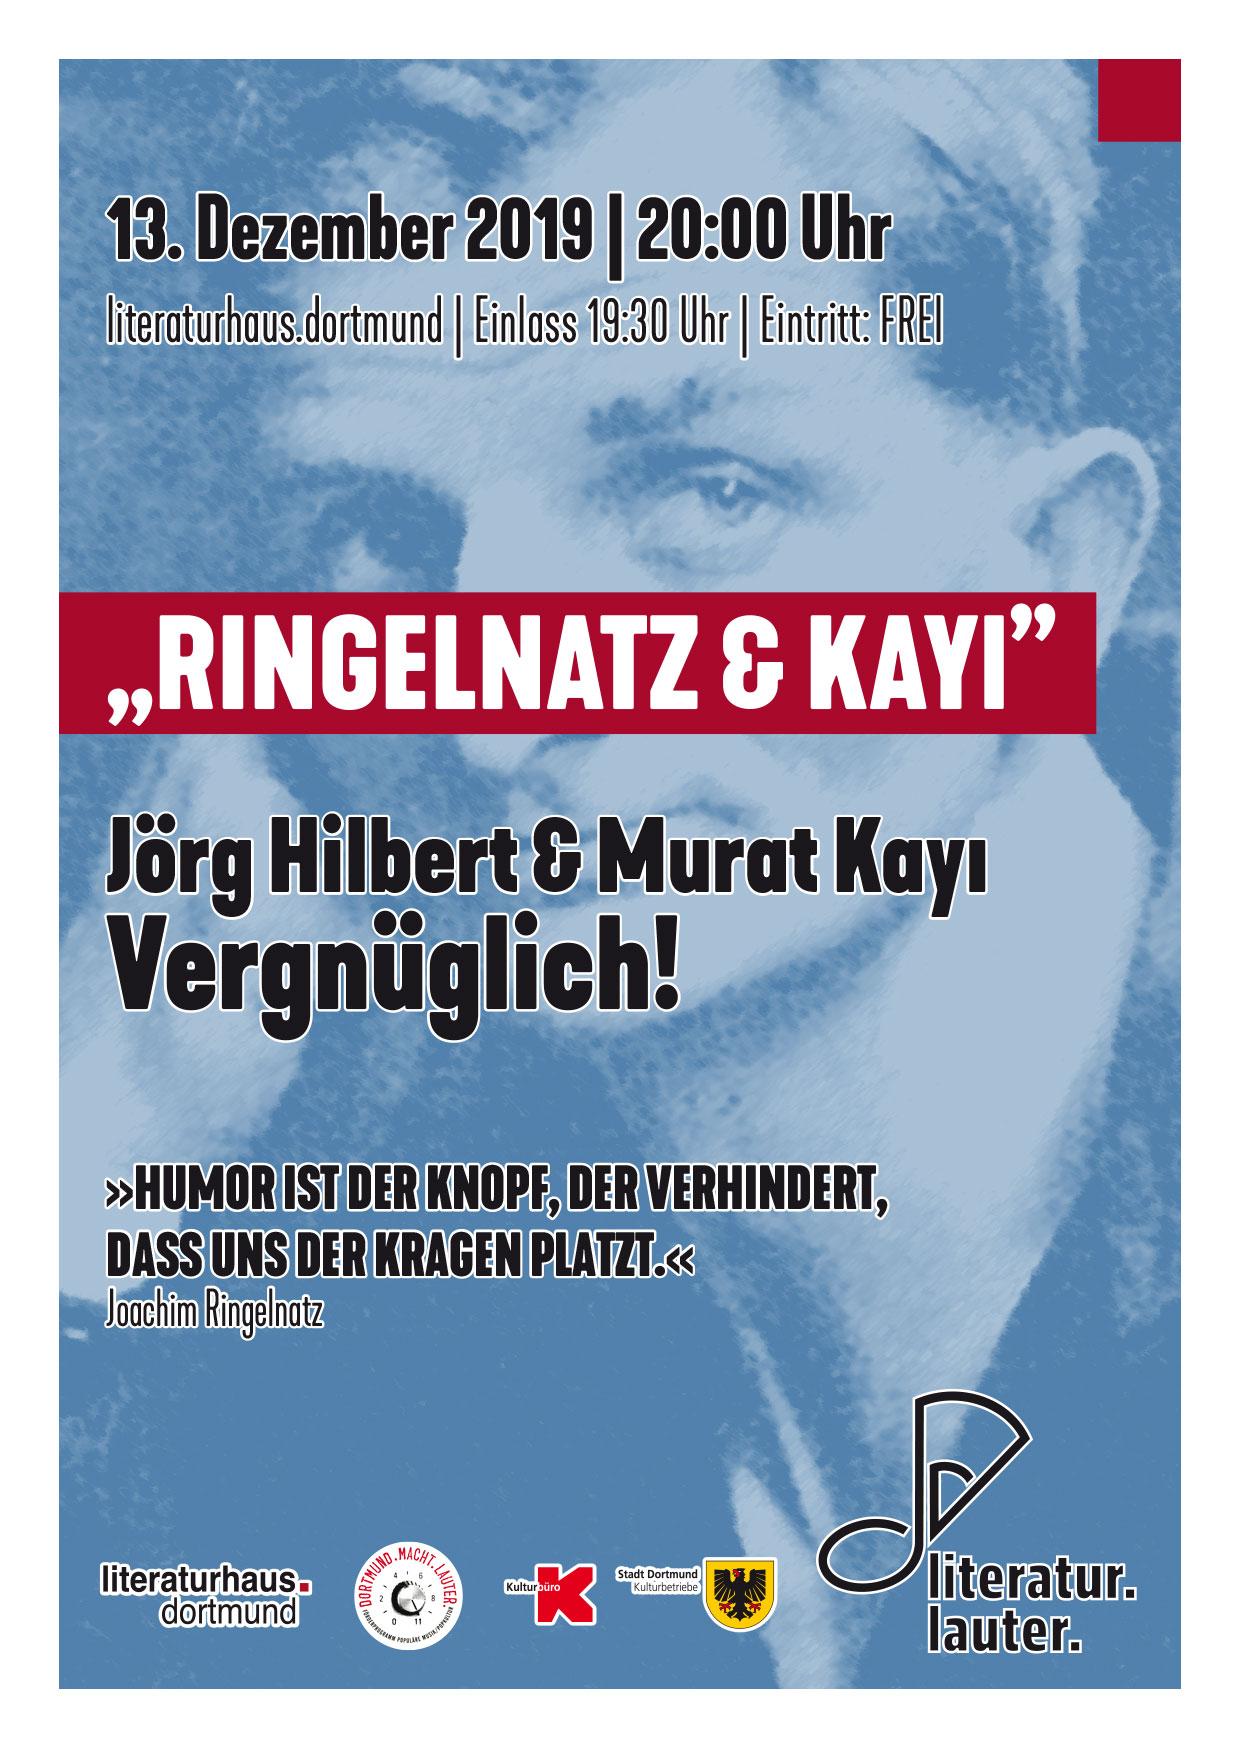 literatur.lauter. Ringelnatz Jörg Hilbert Murat Kayi